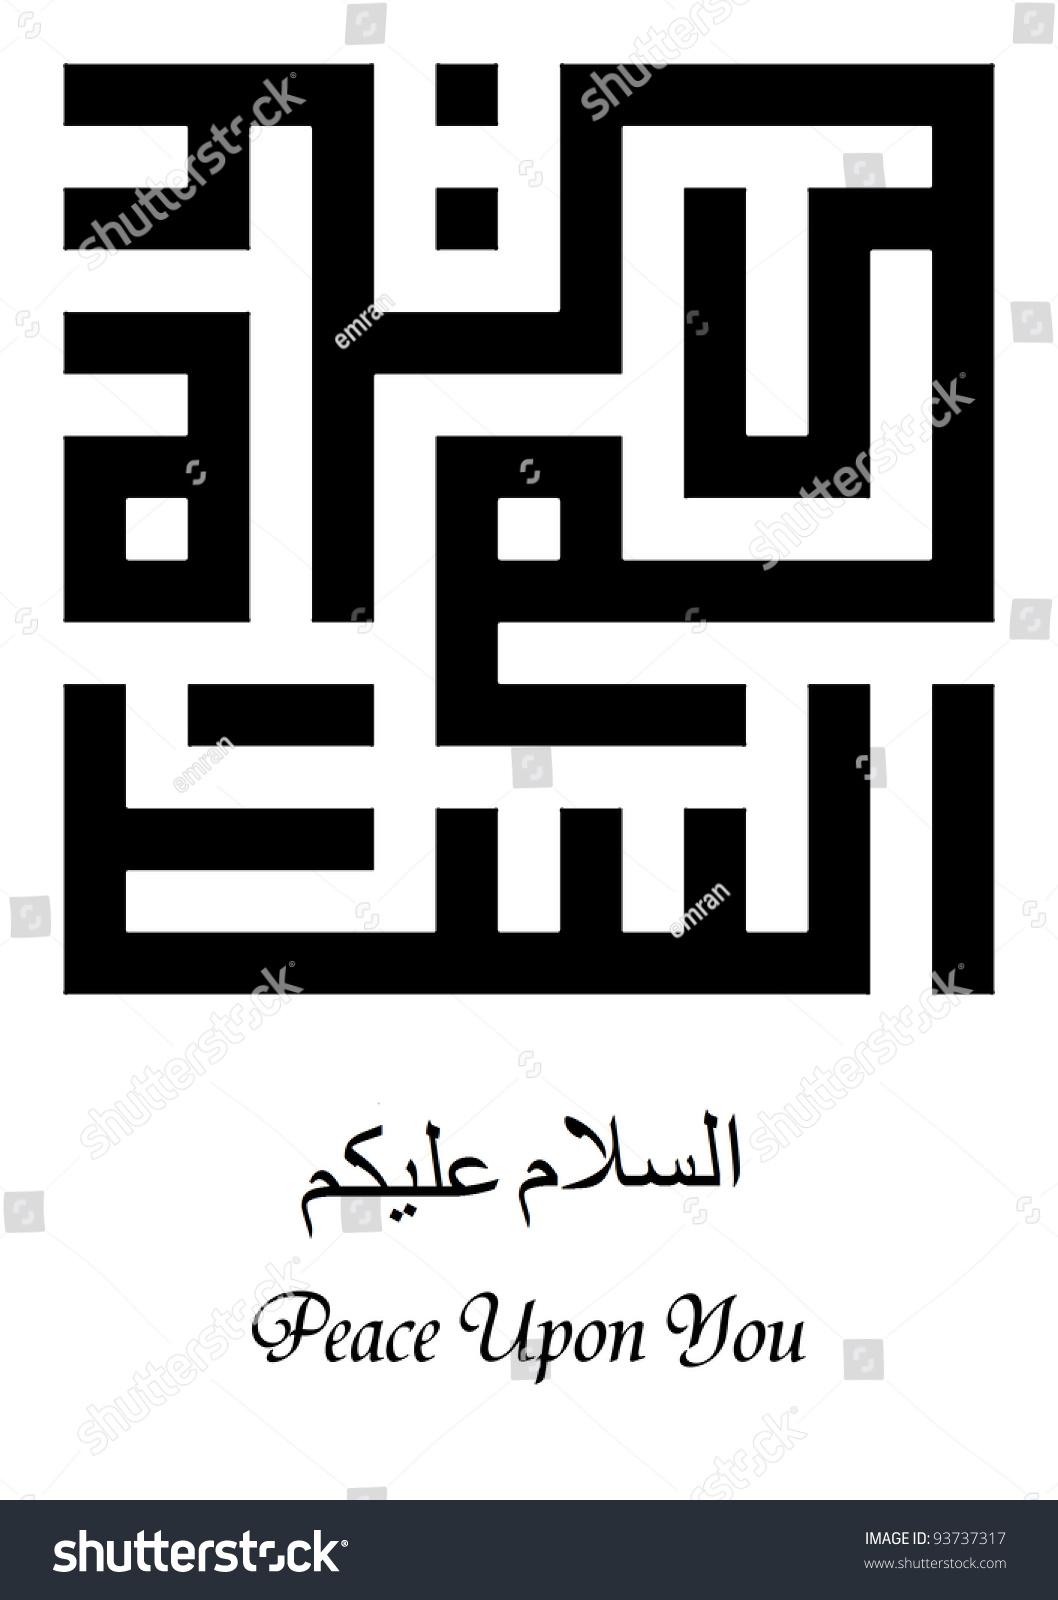 Assalamualaikum Translated Peace Upon You Arabic Stock